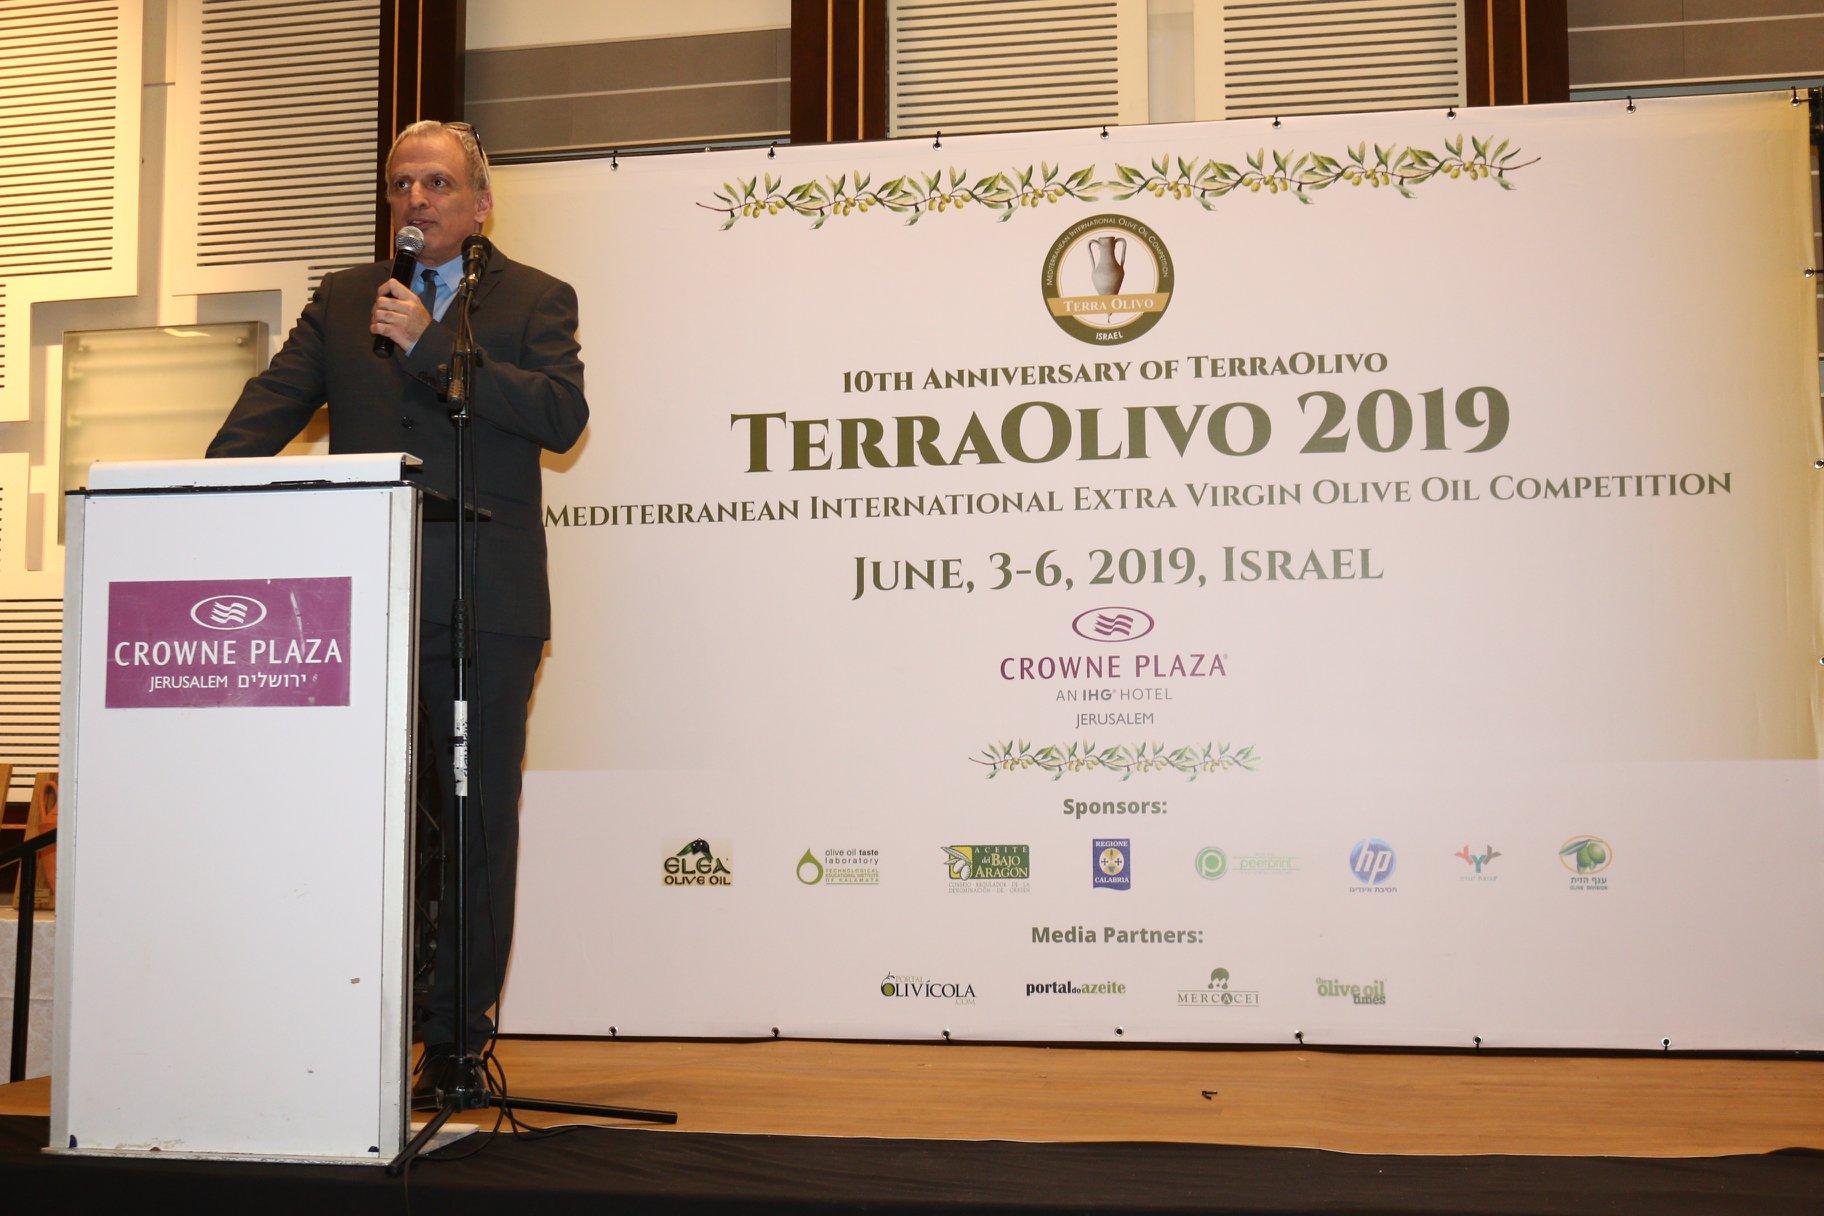 Aceitex es premiada en la Competición Internacional de Aceite de Oliva del Mediterráneo TerraOlivo 2019 – Israel